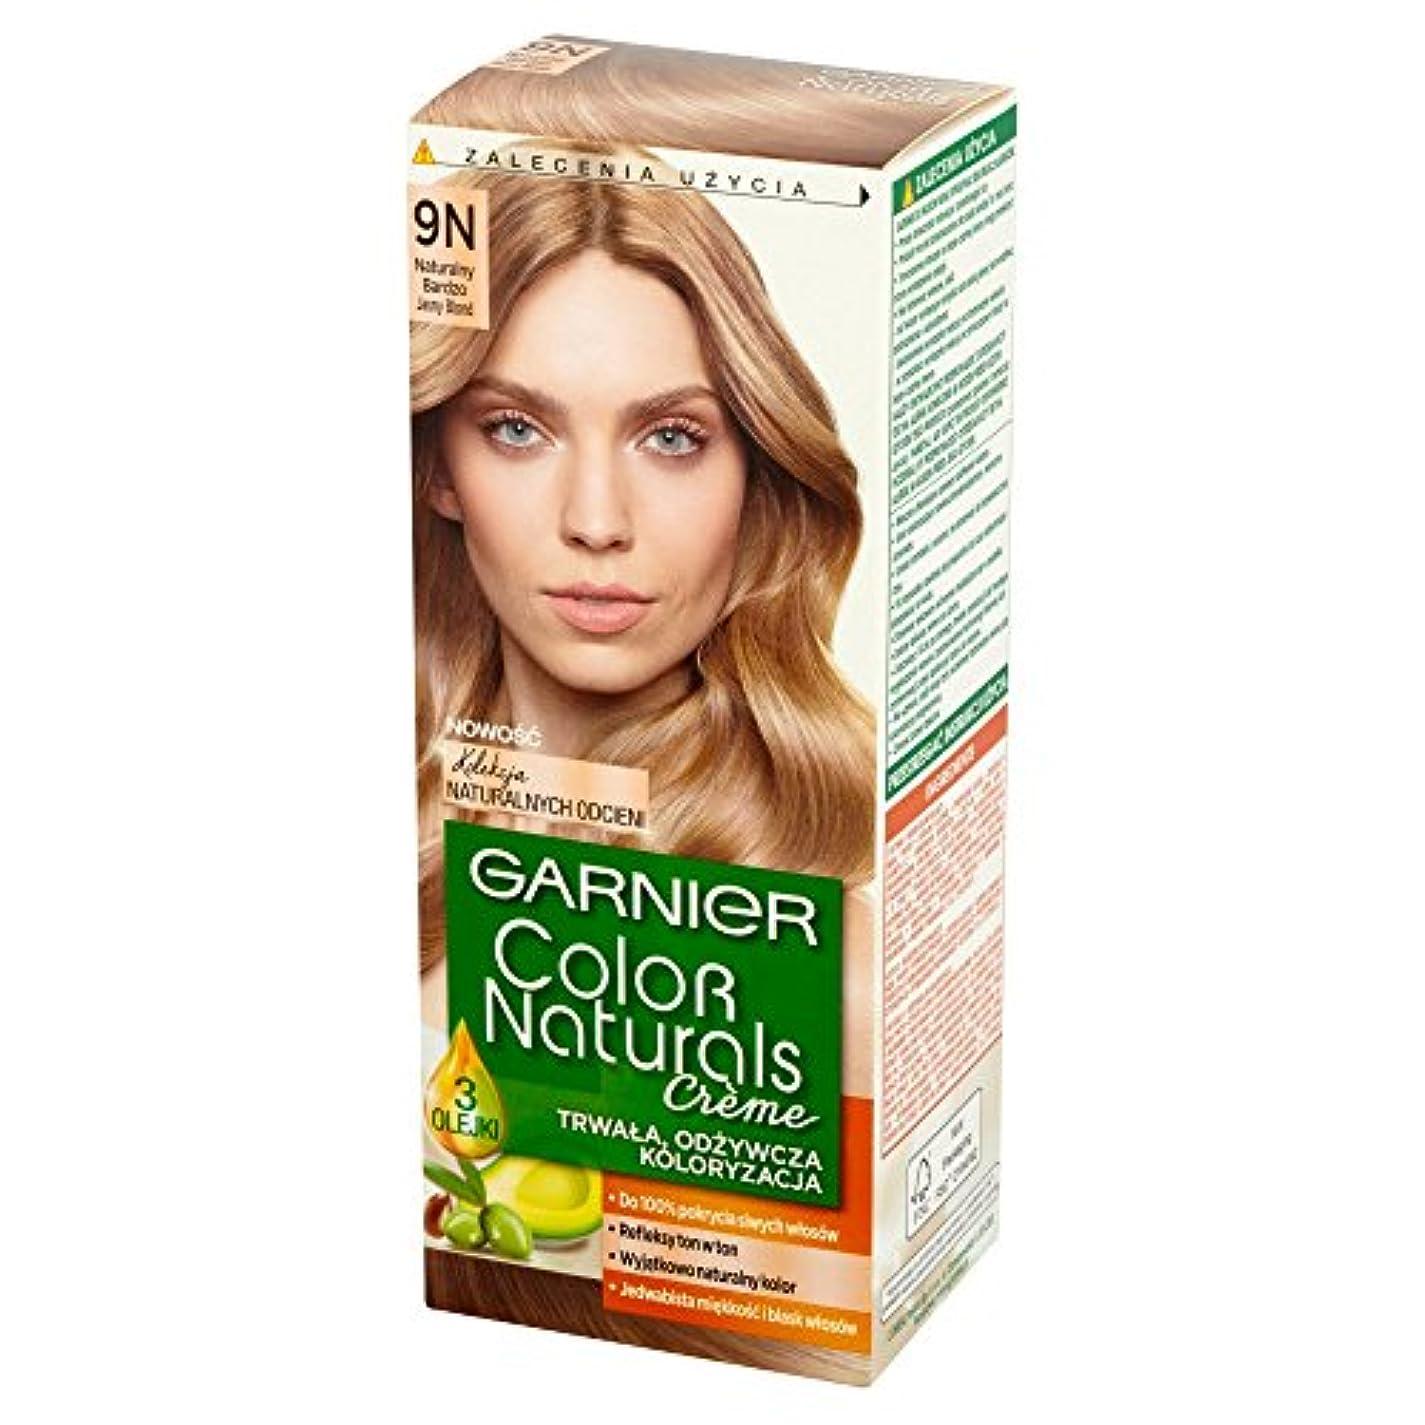 降伏九時四十五分エキスロレアル Garnier Color Naturals Creme 9N • Natural Light Blonde ブロンドヘアカラークリーム